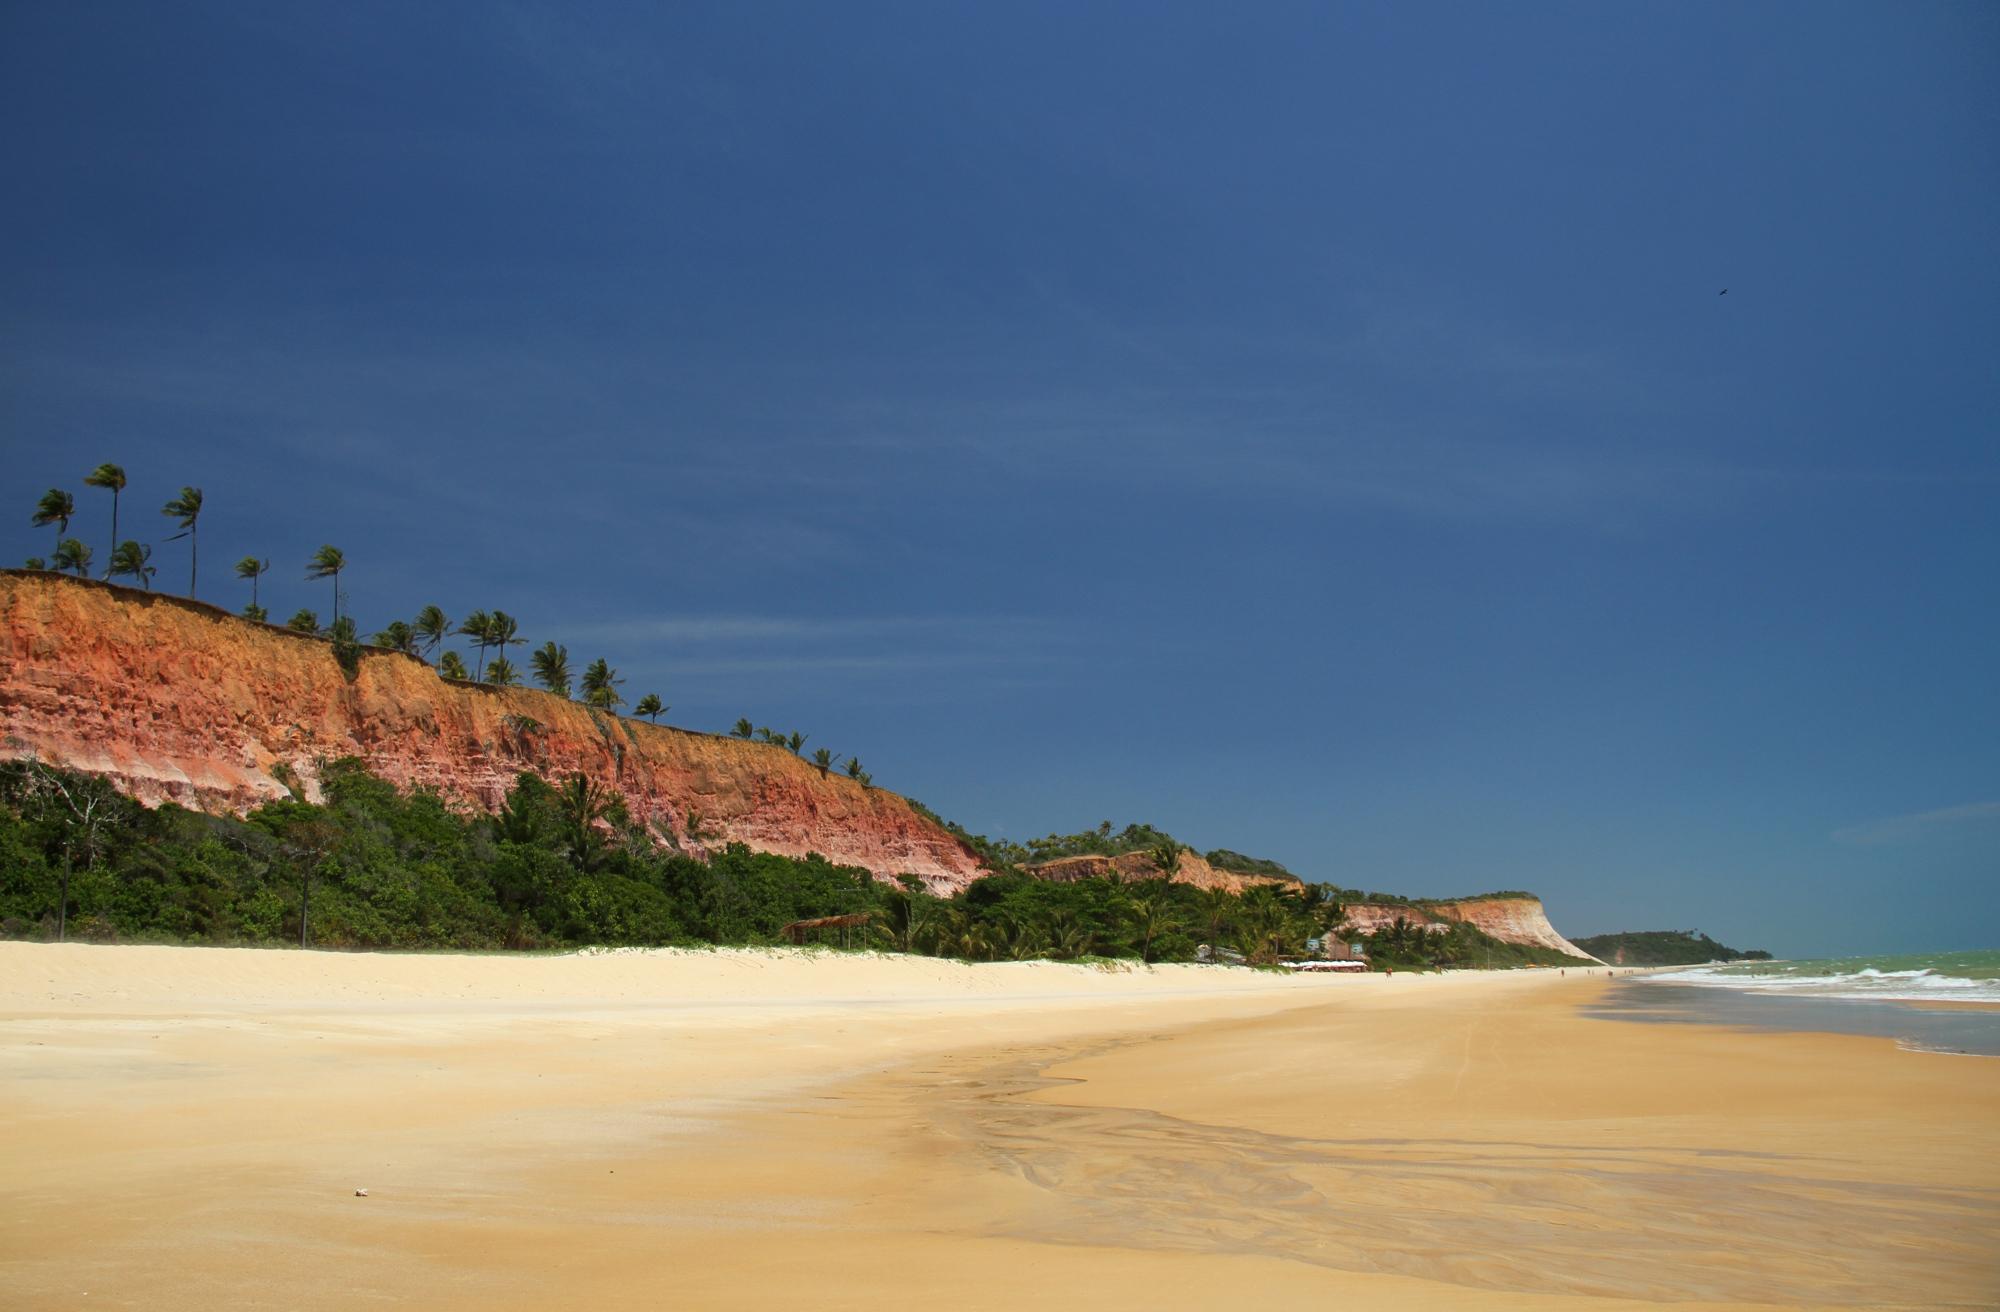 Taípe é uma das praias do roteiro de bicicleta, entre Arraial d'Ajuda a Trancoso (foto: Eduardo Vessoni)